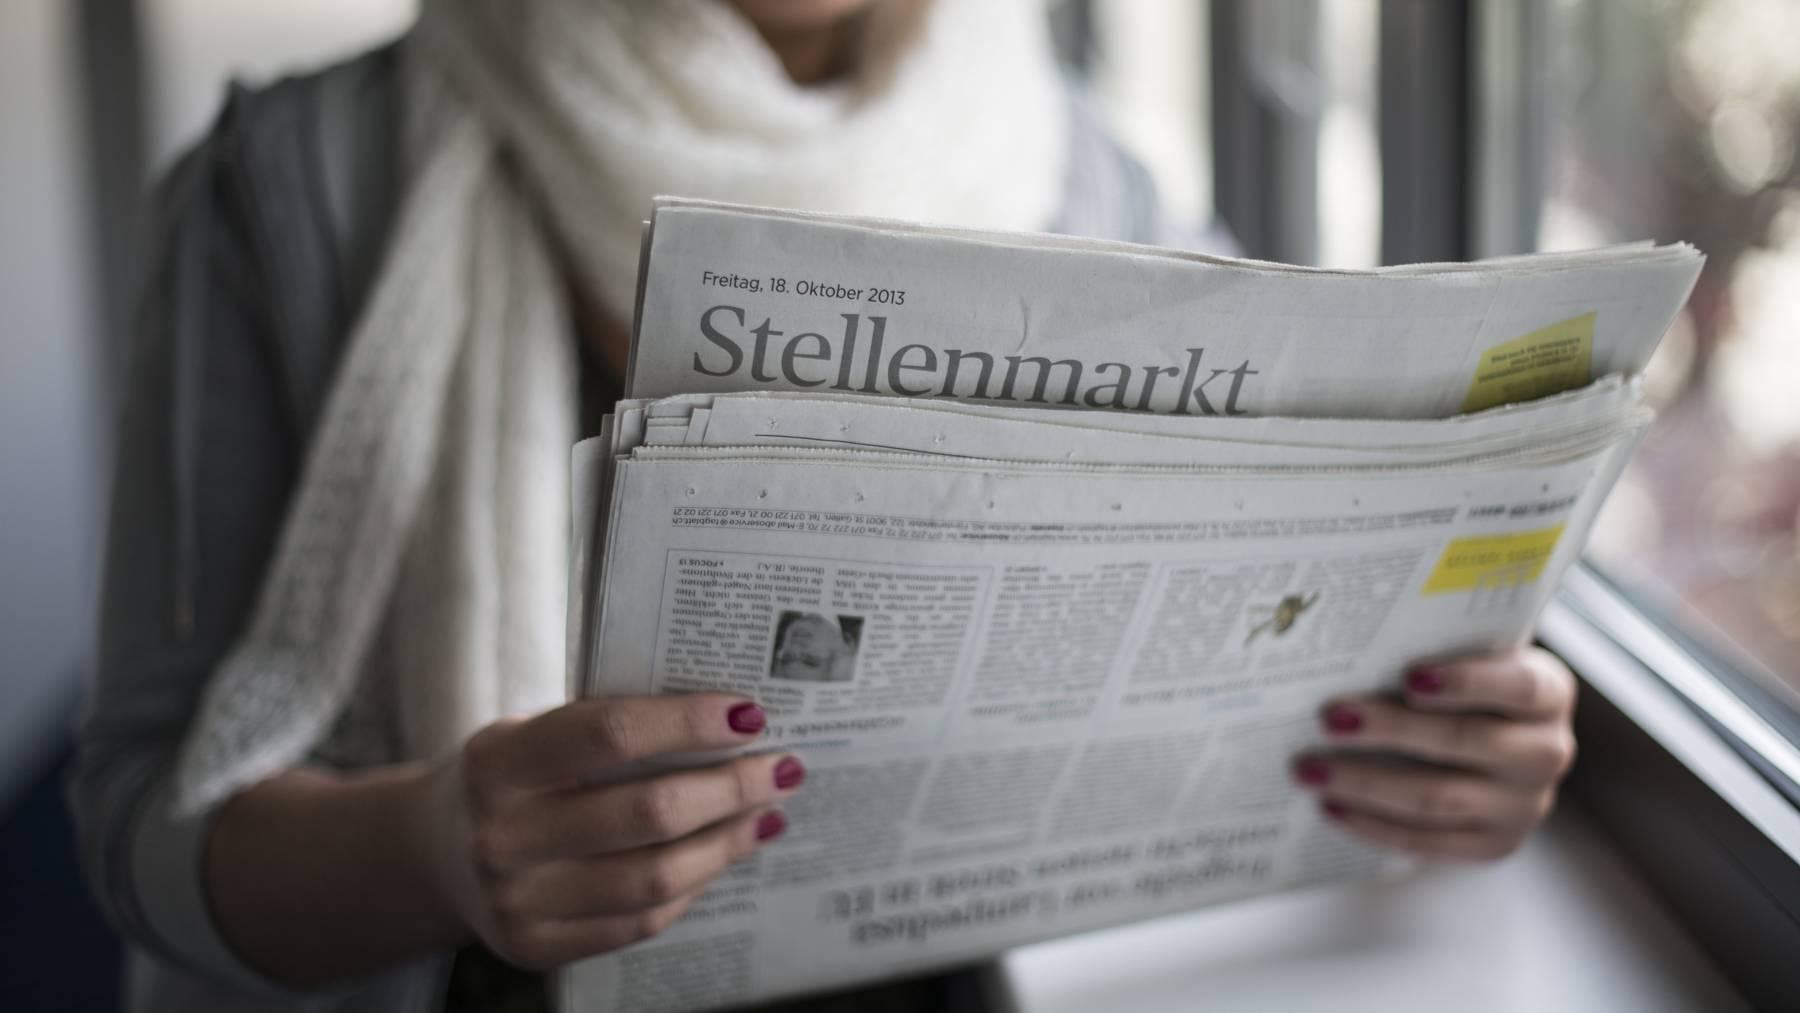 Rekordarbeitslosigkeit in der Schweiz zwingt zu Massnahmen.